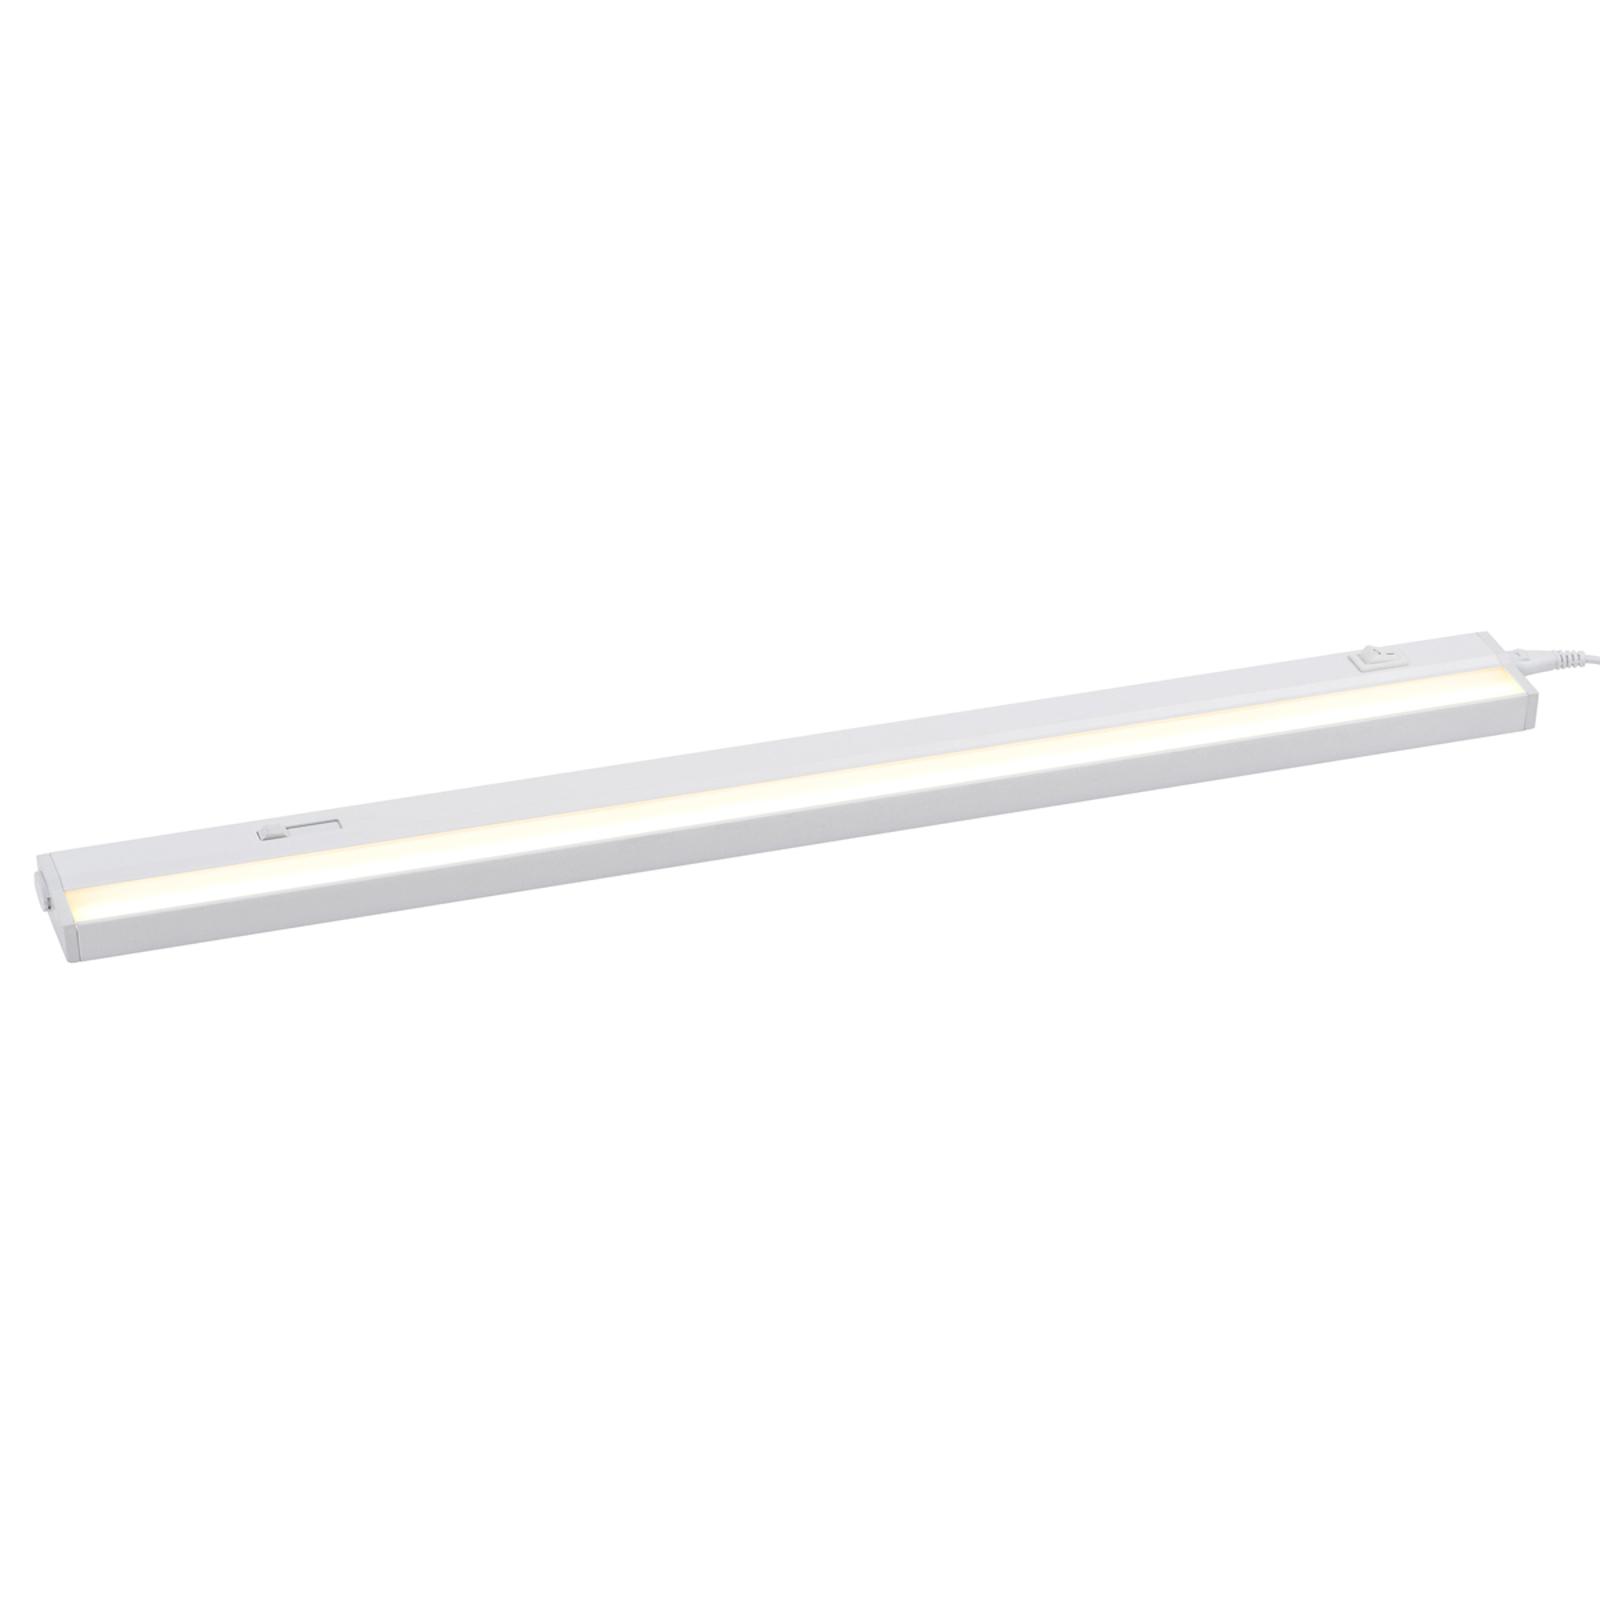 LED-benkebelysning Cabinet Light lengde 90,9 cm